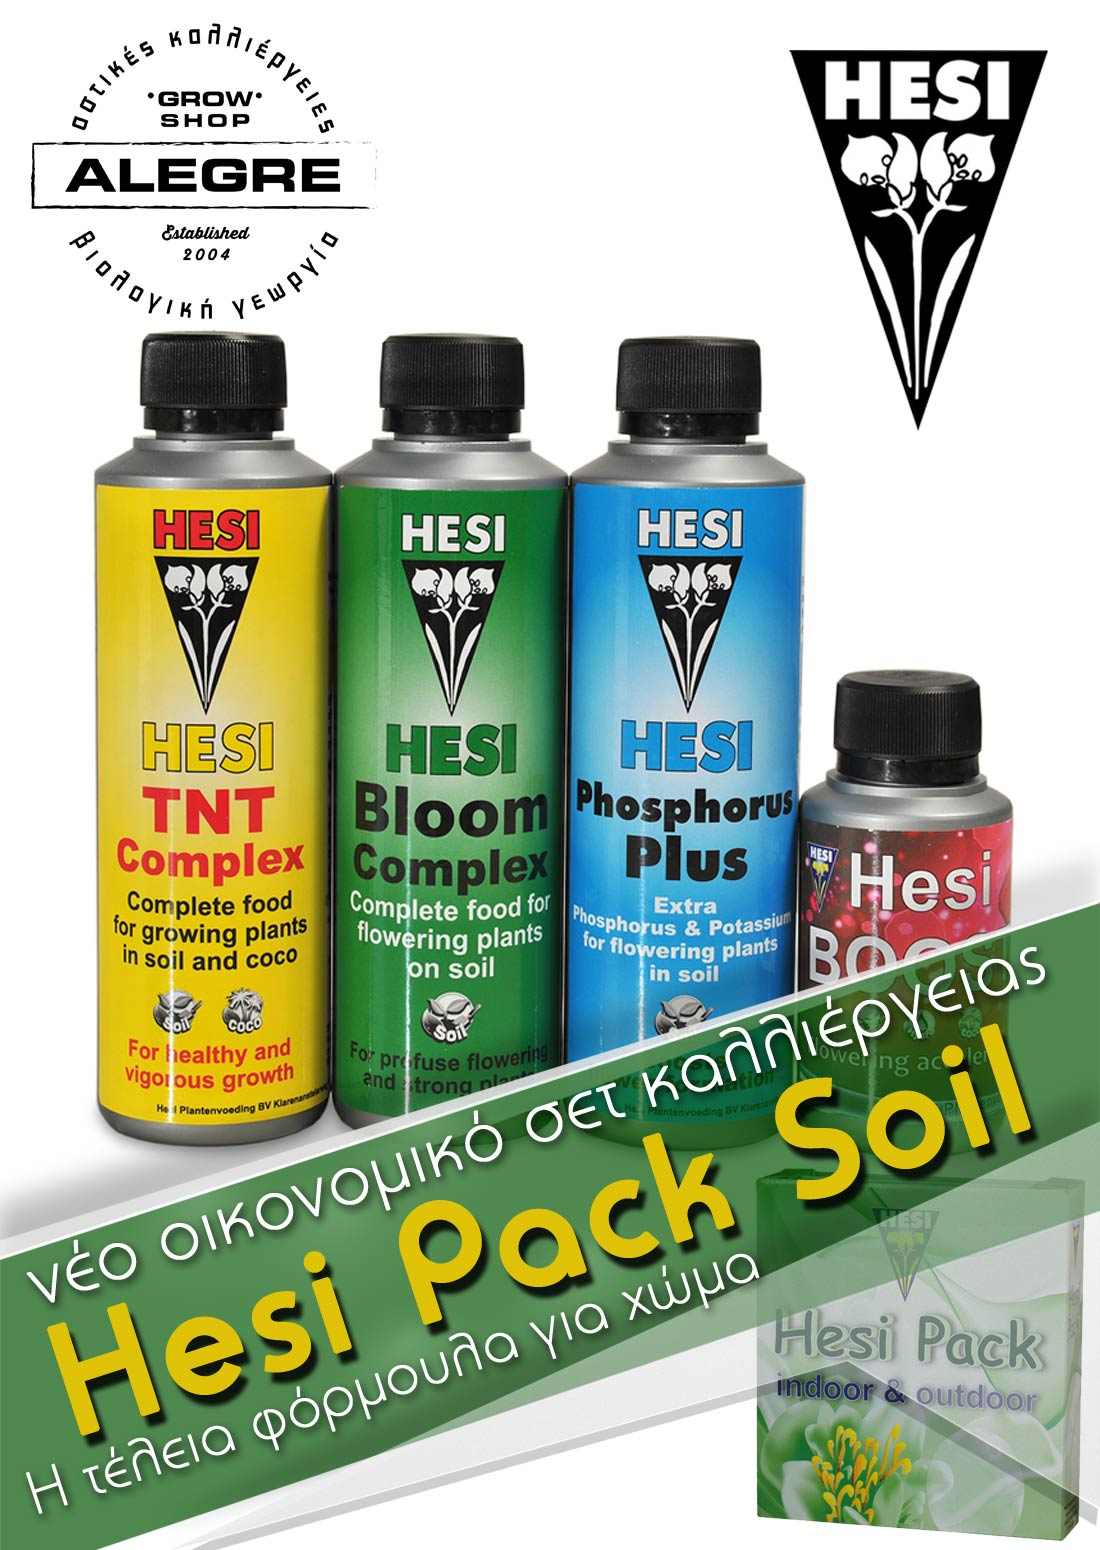 Hesi Pack Soil